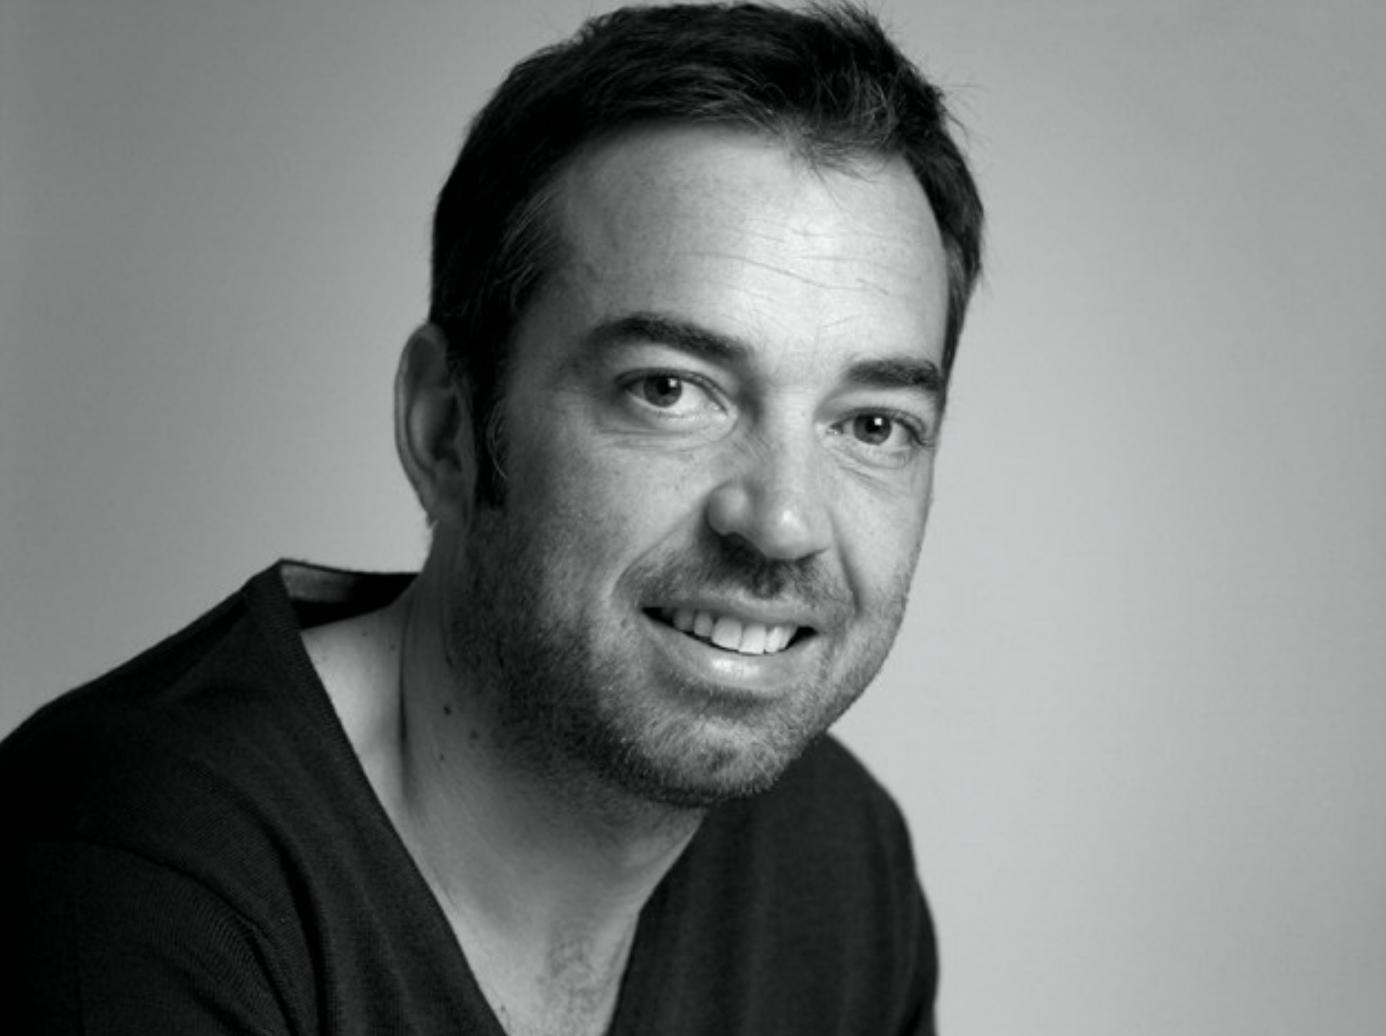 Yann Thébault est directeur général France d'Acast depuis son ouverture au printemps 2019.